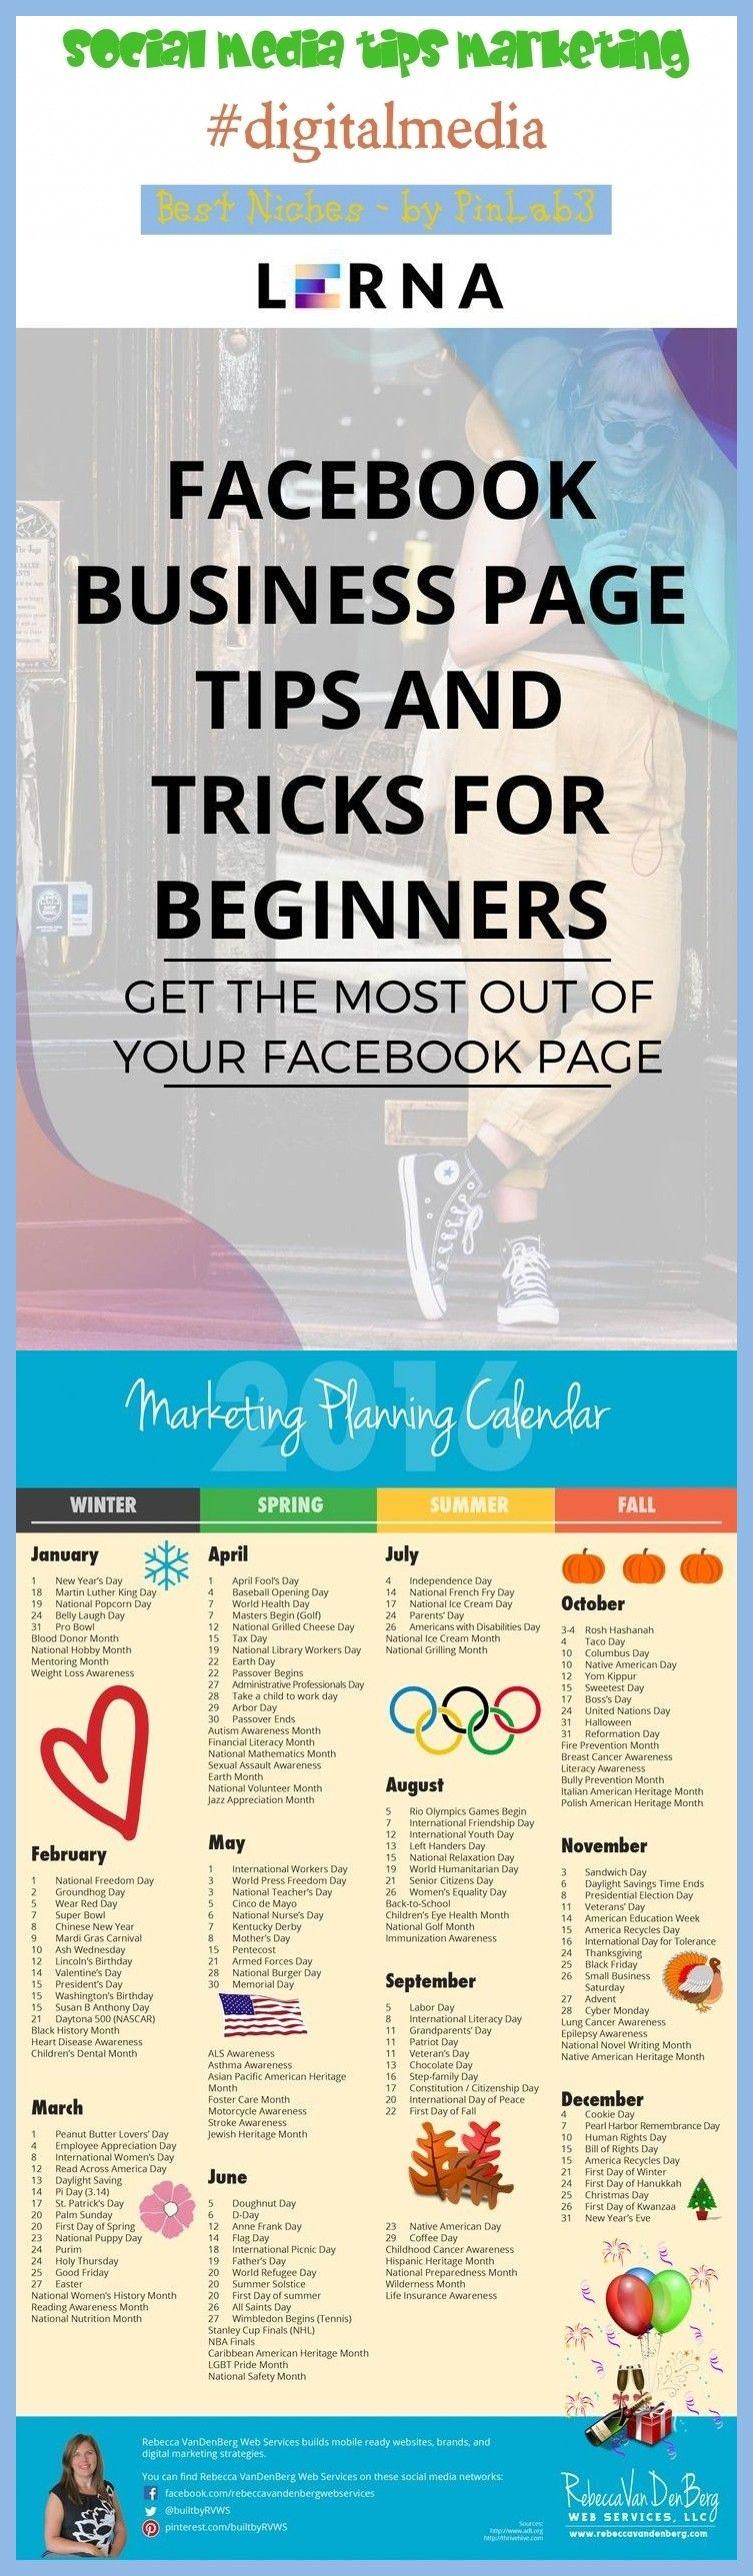 Social Media Tips Marketing Social Media Marketing Social Media Tipps Marketing Conseils Media In 2020 Infographic Marketing Marketing Photos Marketing Poster